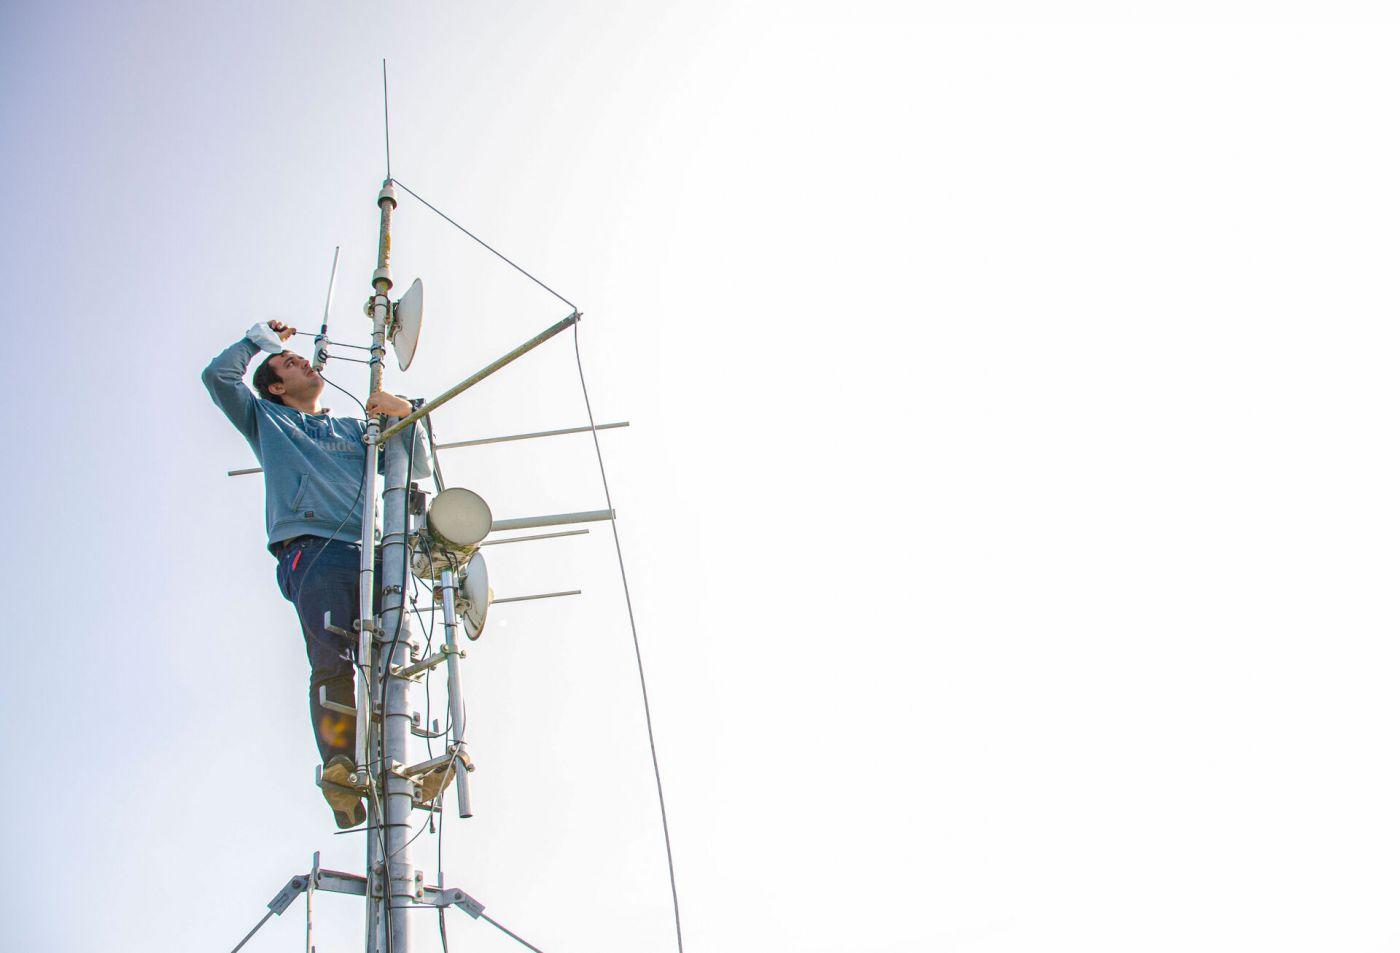 Montage auf dem Campusdach: Ingenieur Steffen Wermers bringt die LoRaWAN-Antenne an. Mit ihr können im Internet of Things/Internet der Dinge Daten bis in den Landkreis Steinfurt hinein gesendet werden.  (Foto: FH Münster/Frederik Tebbe)